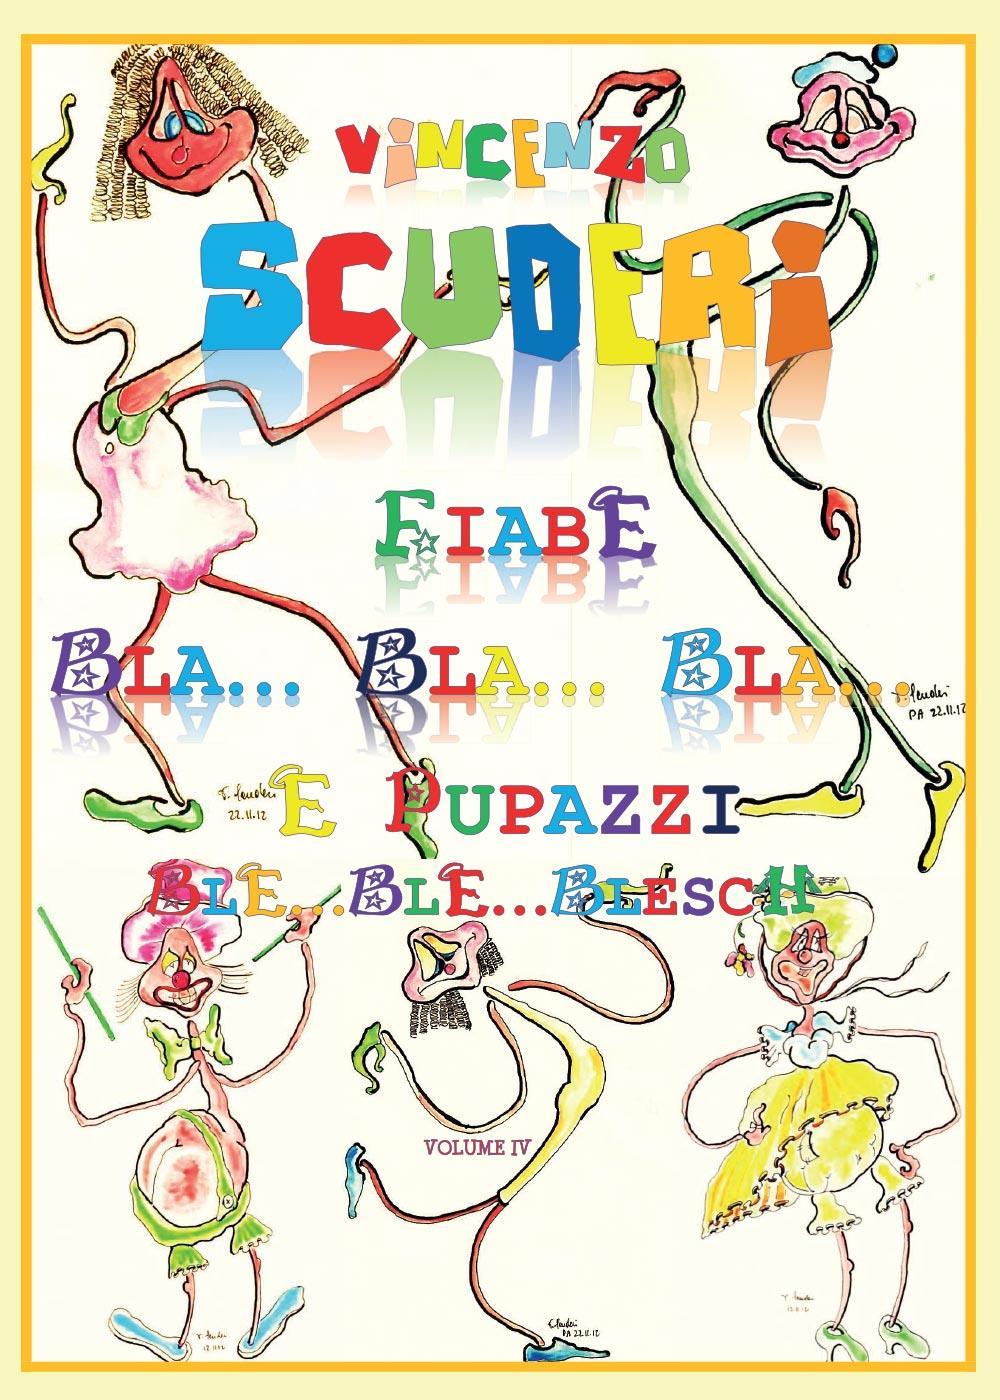 Fiabe Bla…Bla… Bla… e Pupazzi Ble… Ble… Blesch. Volume IV